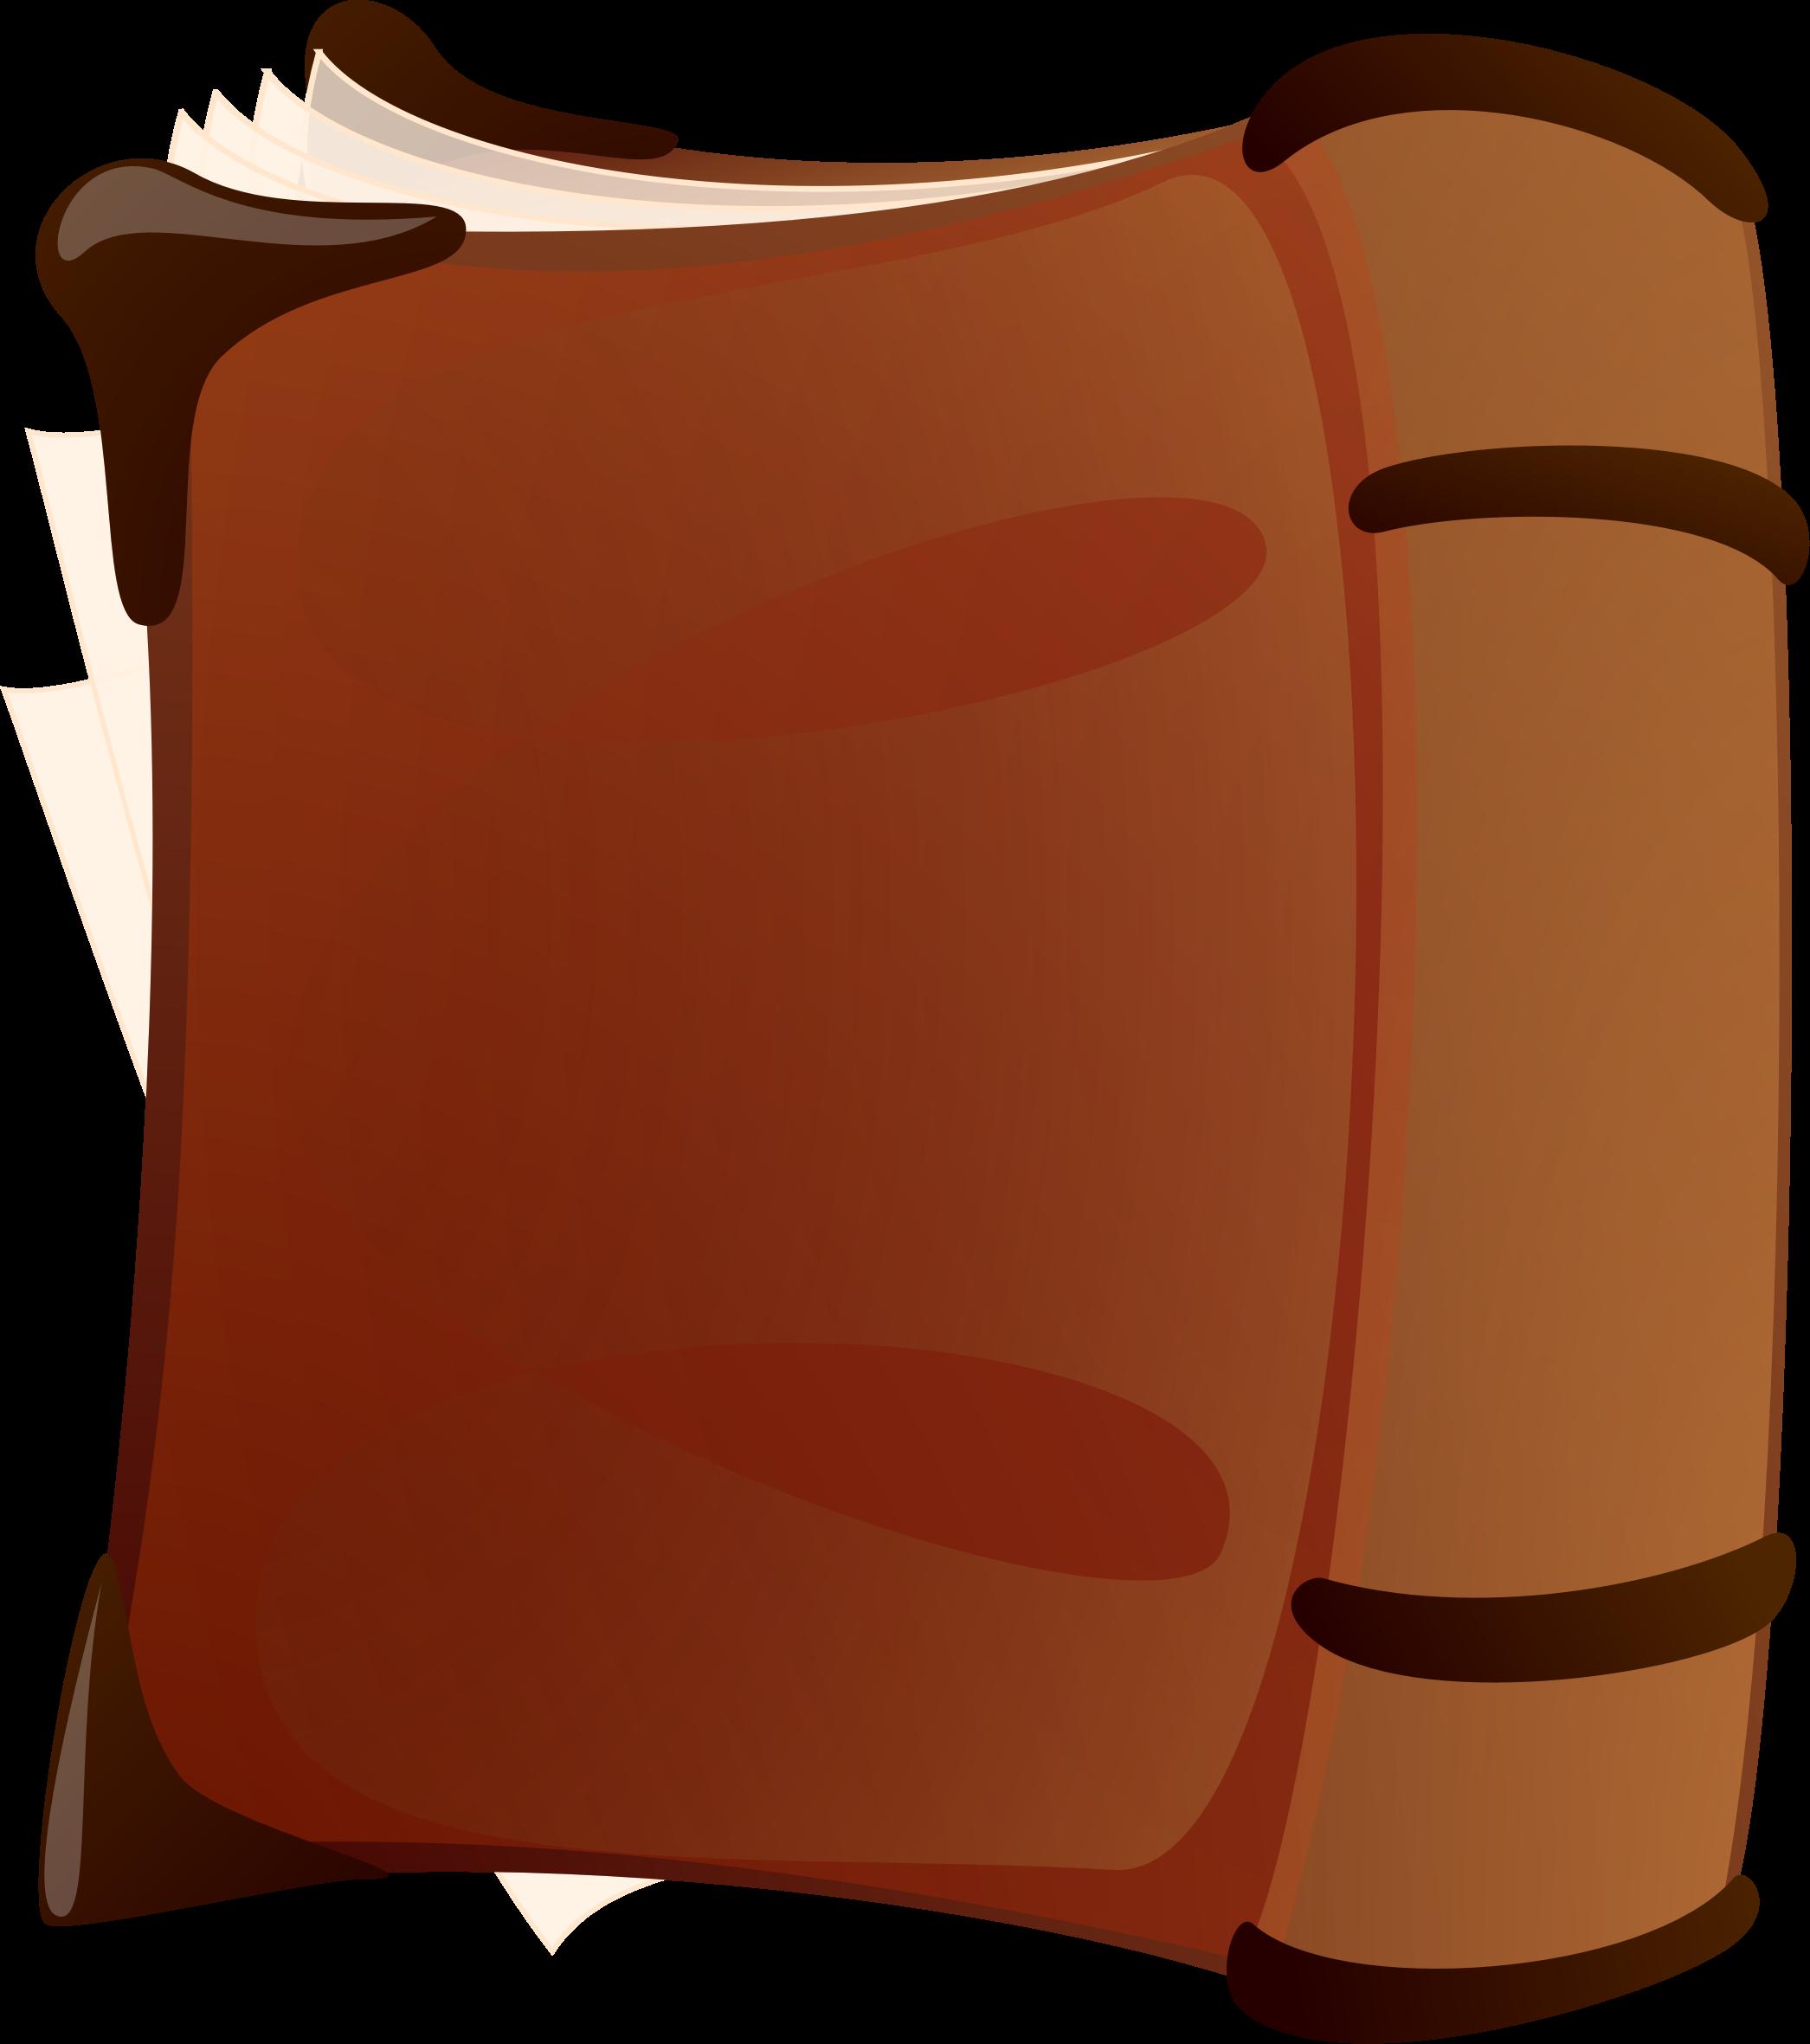 Clipart book orange. Old big image png